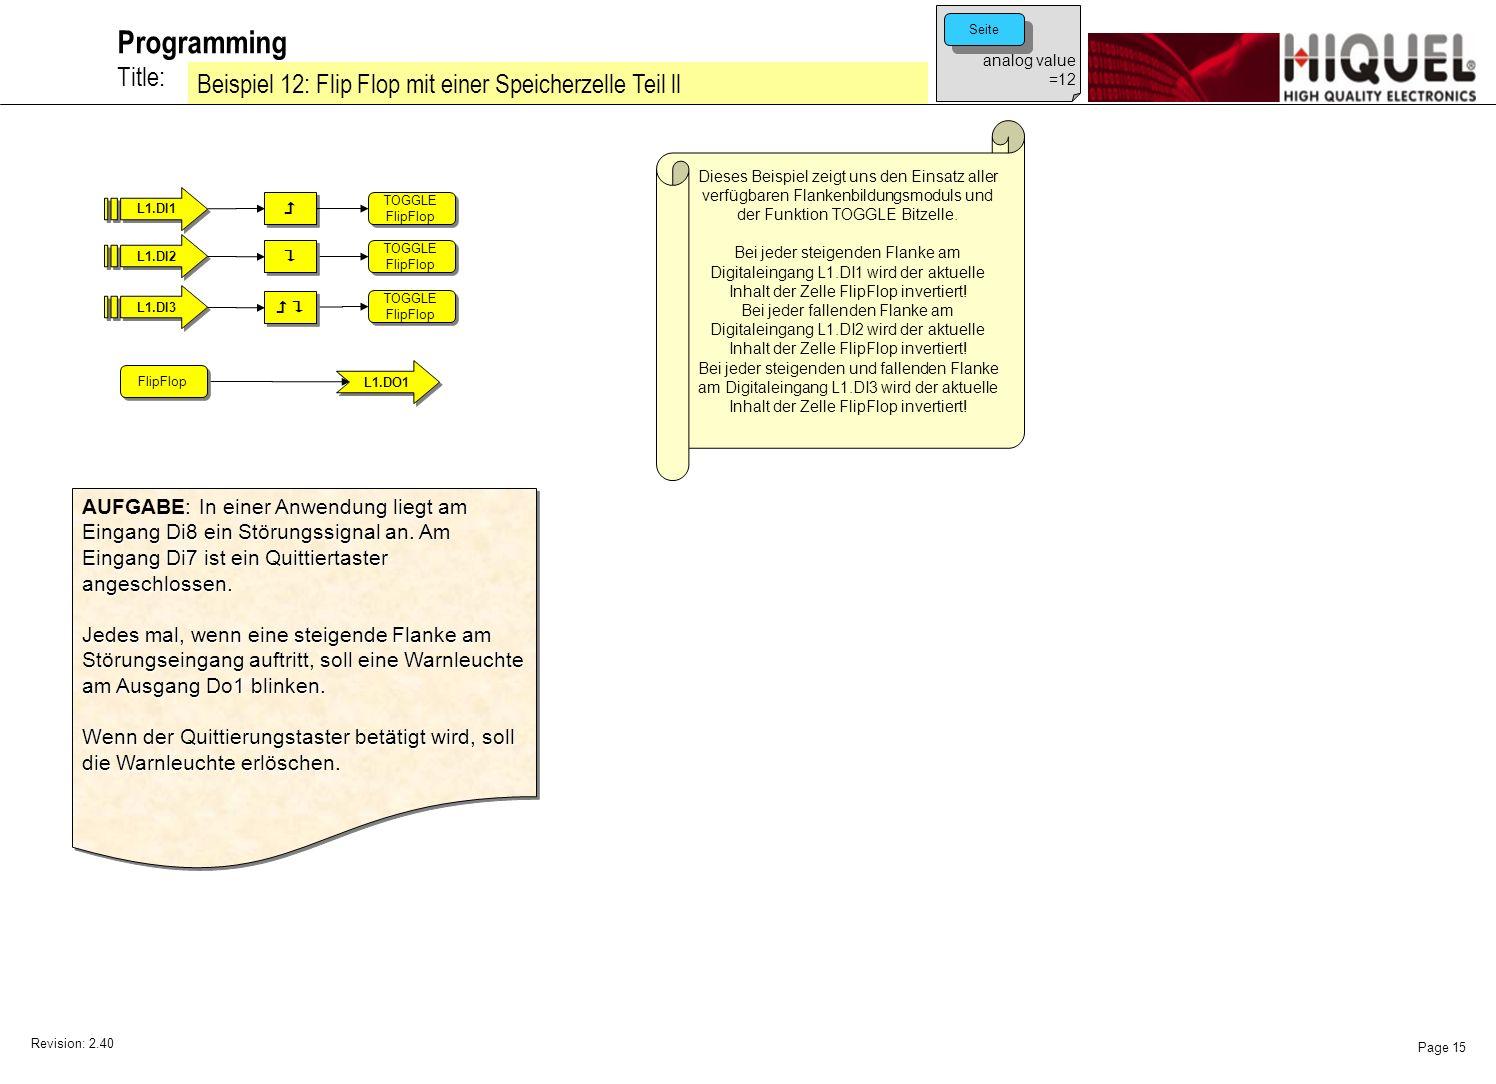 Revision: 2.40 Page 15 Title: Programming Beispiel 12: Flip Flop mit einer Speicherzelle Teil ll analog value =12 Seite Dieses Beispiel zeigt uns den Einsatz aller verfügbaren Flankenbildungsmoduls und der Funktion TOGGLE Bitzelle.